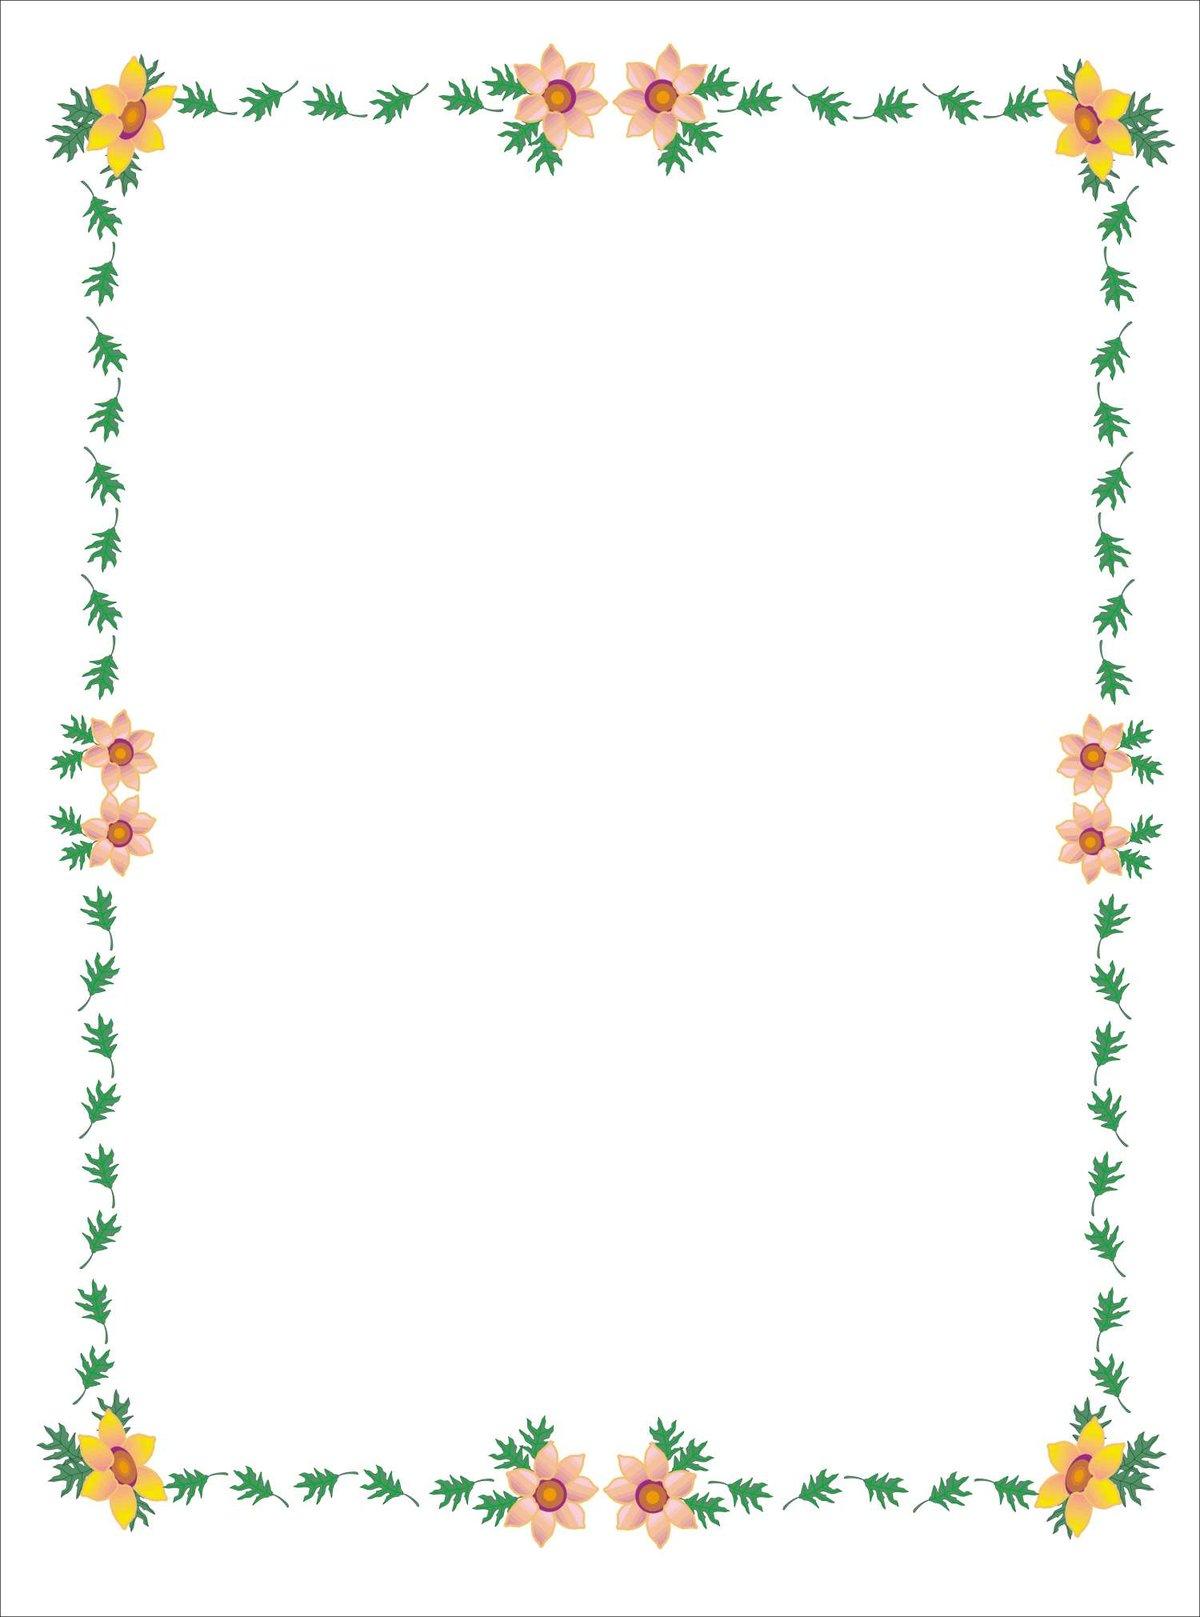 Картинки рамки для оформления текста в ворде